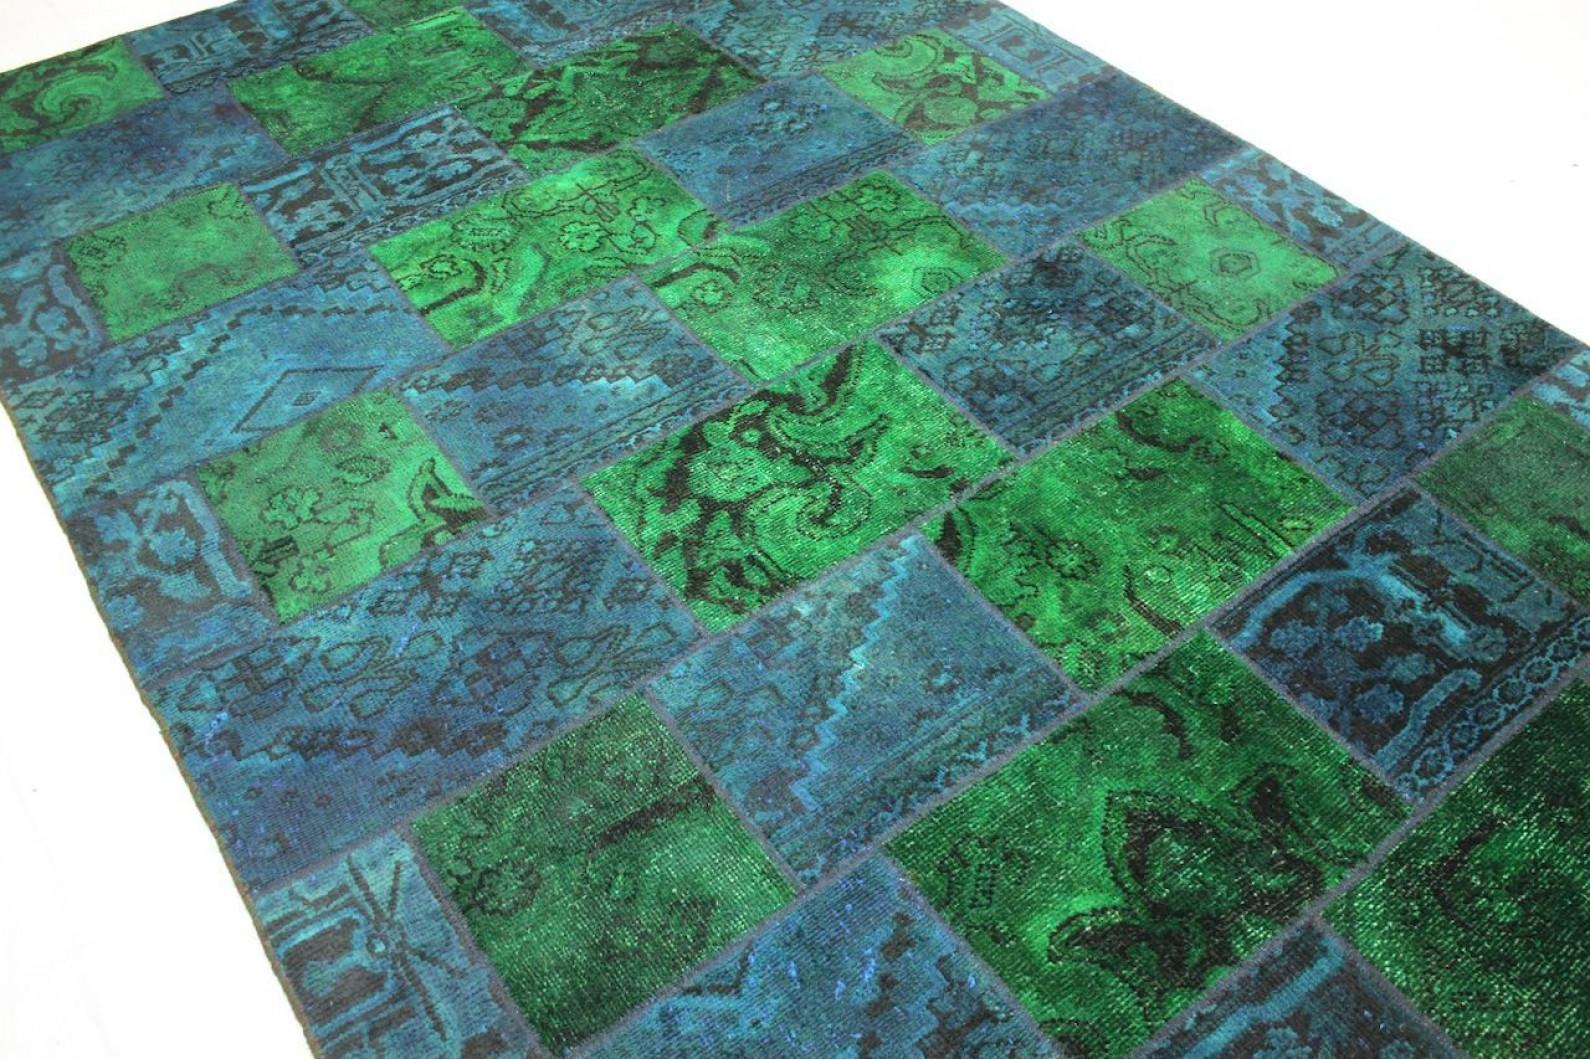 ... Patchwork Teppich Grün Blau Türkis In 300x200cm (3/4)